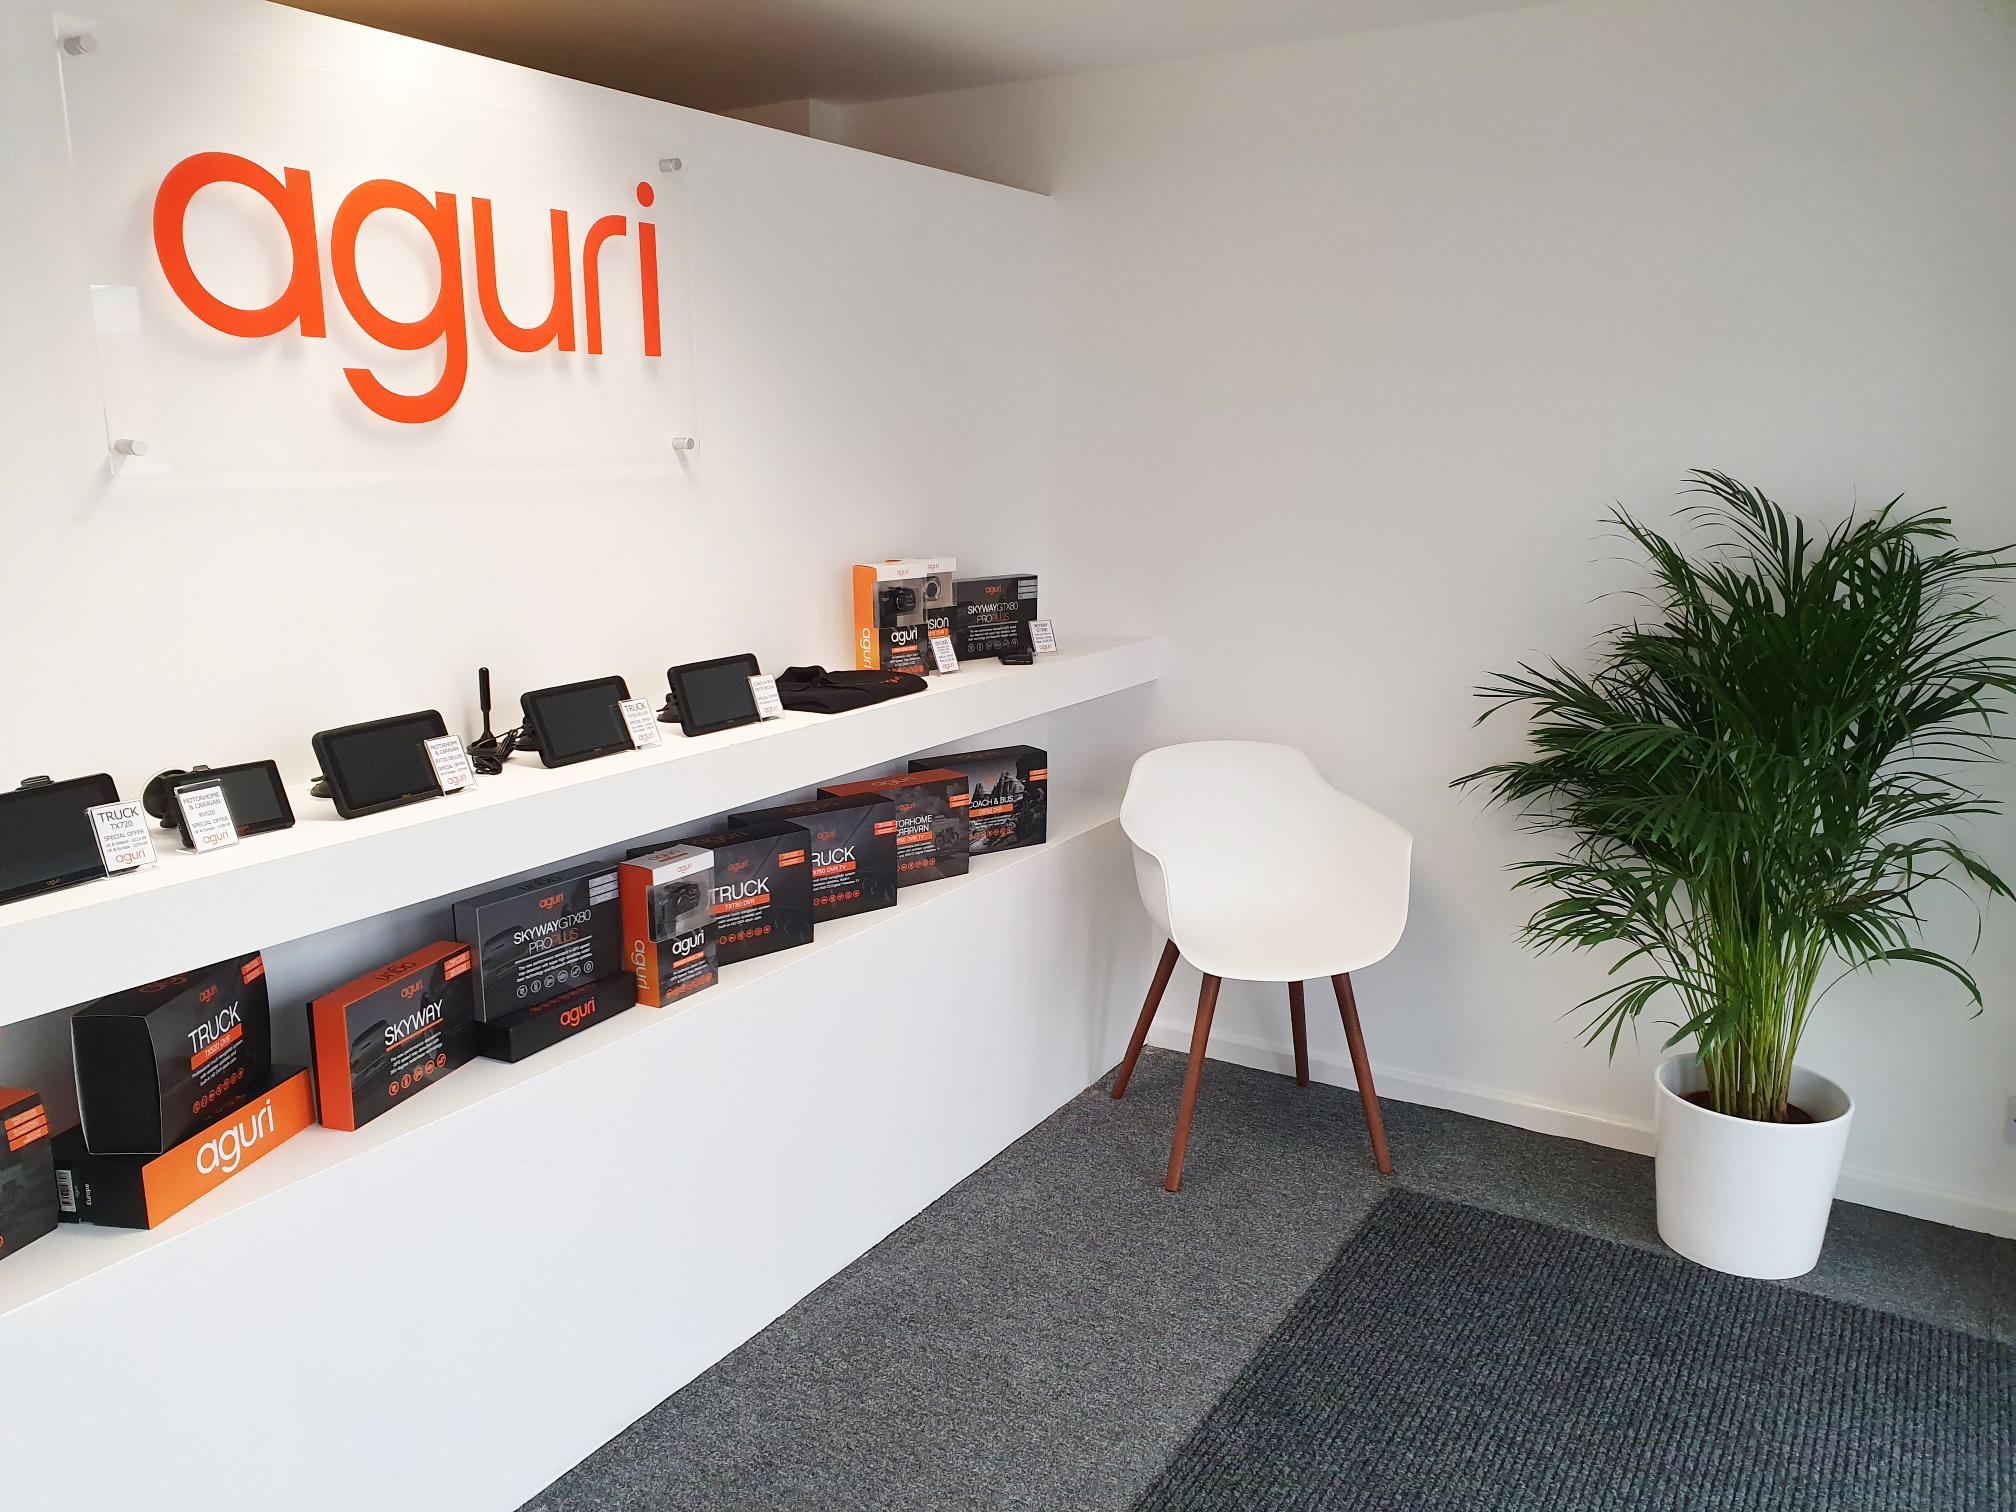 Aguri showroom Trafford Park